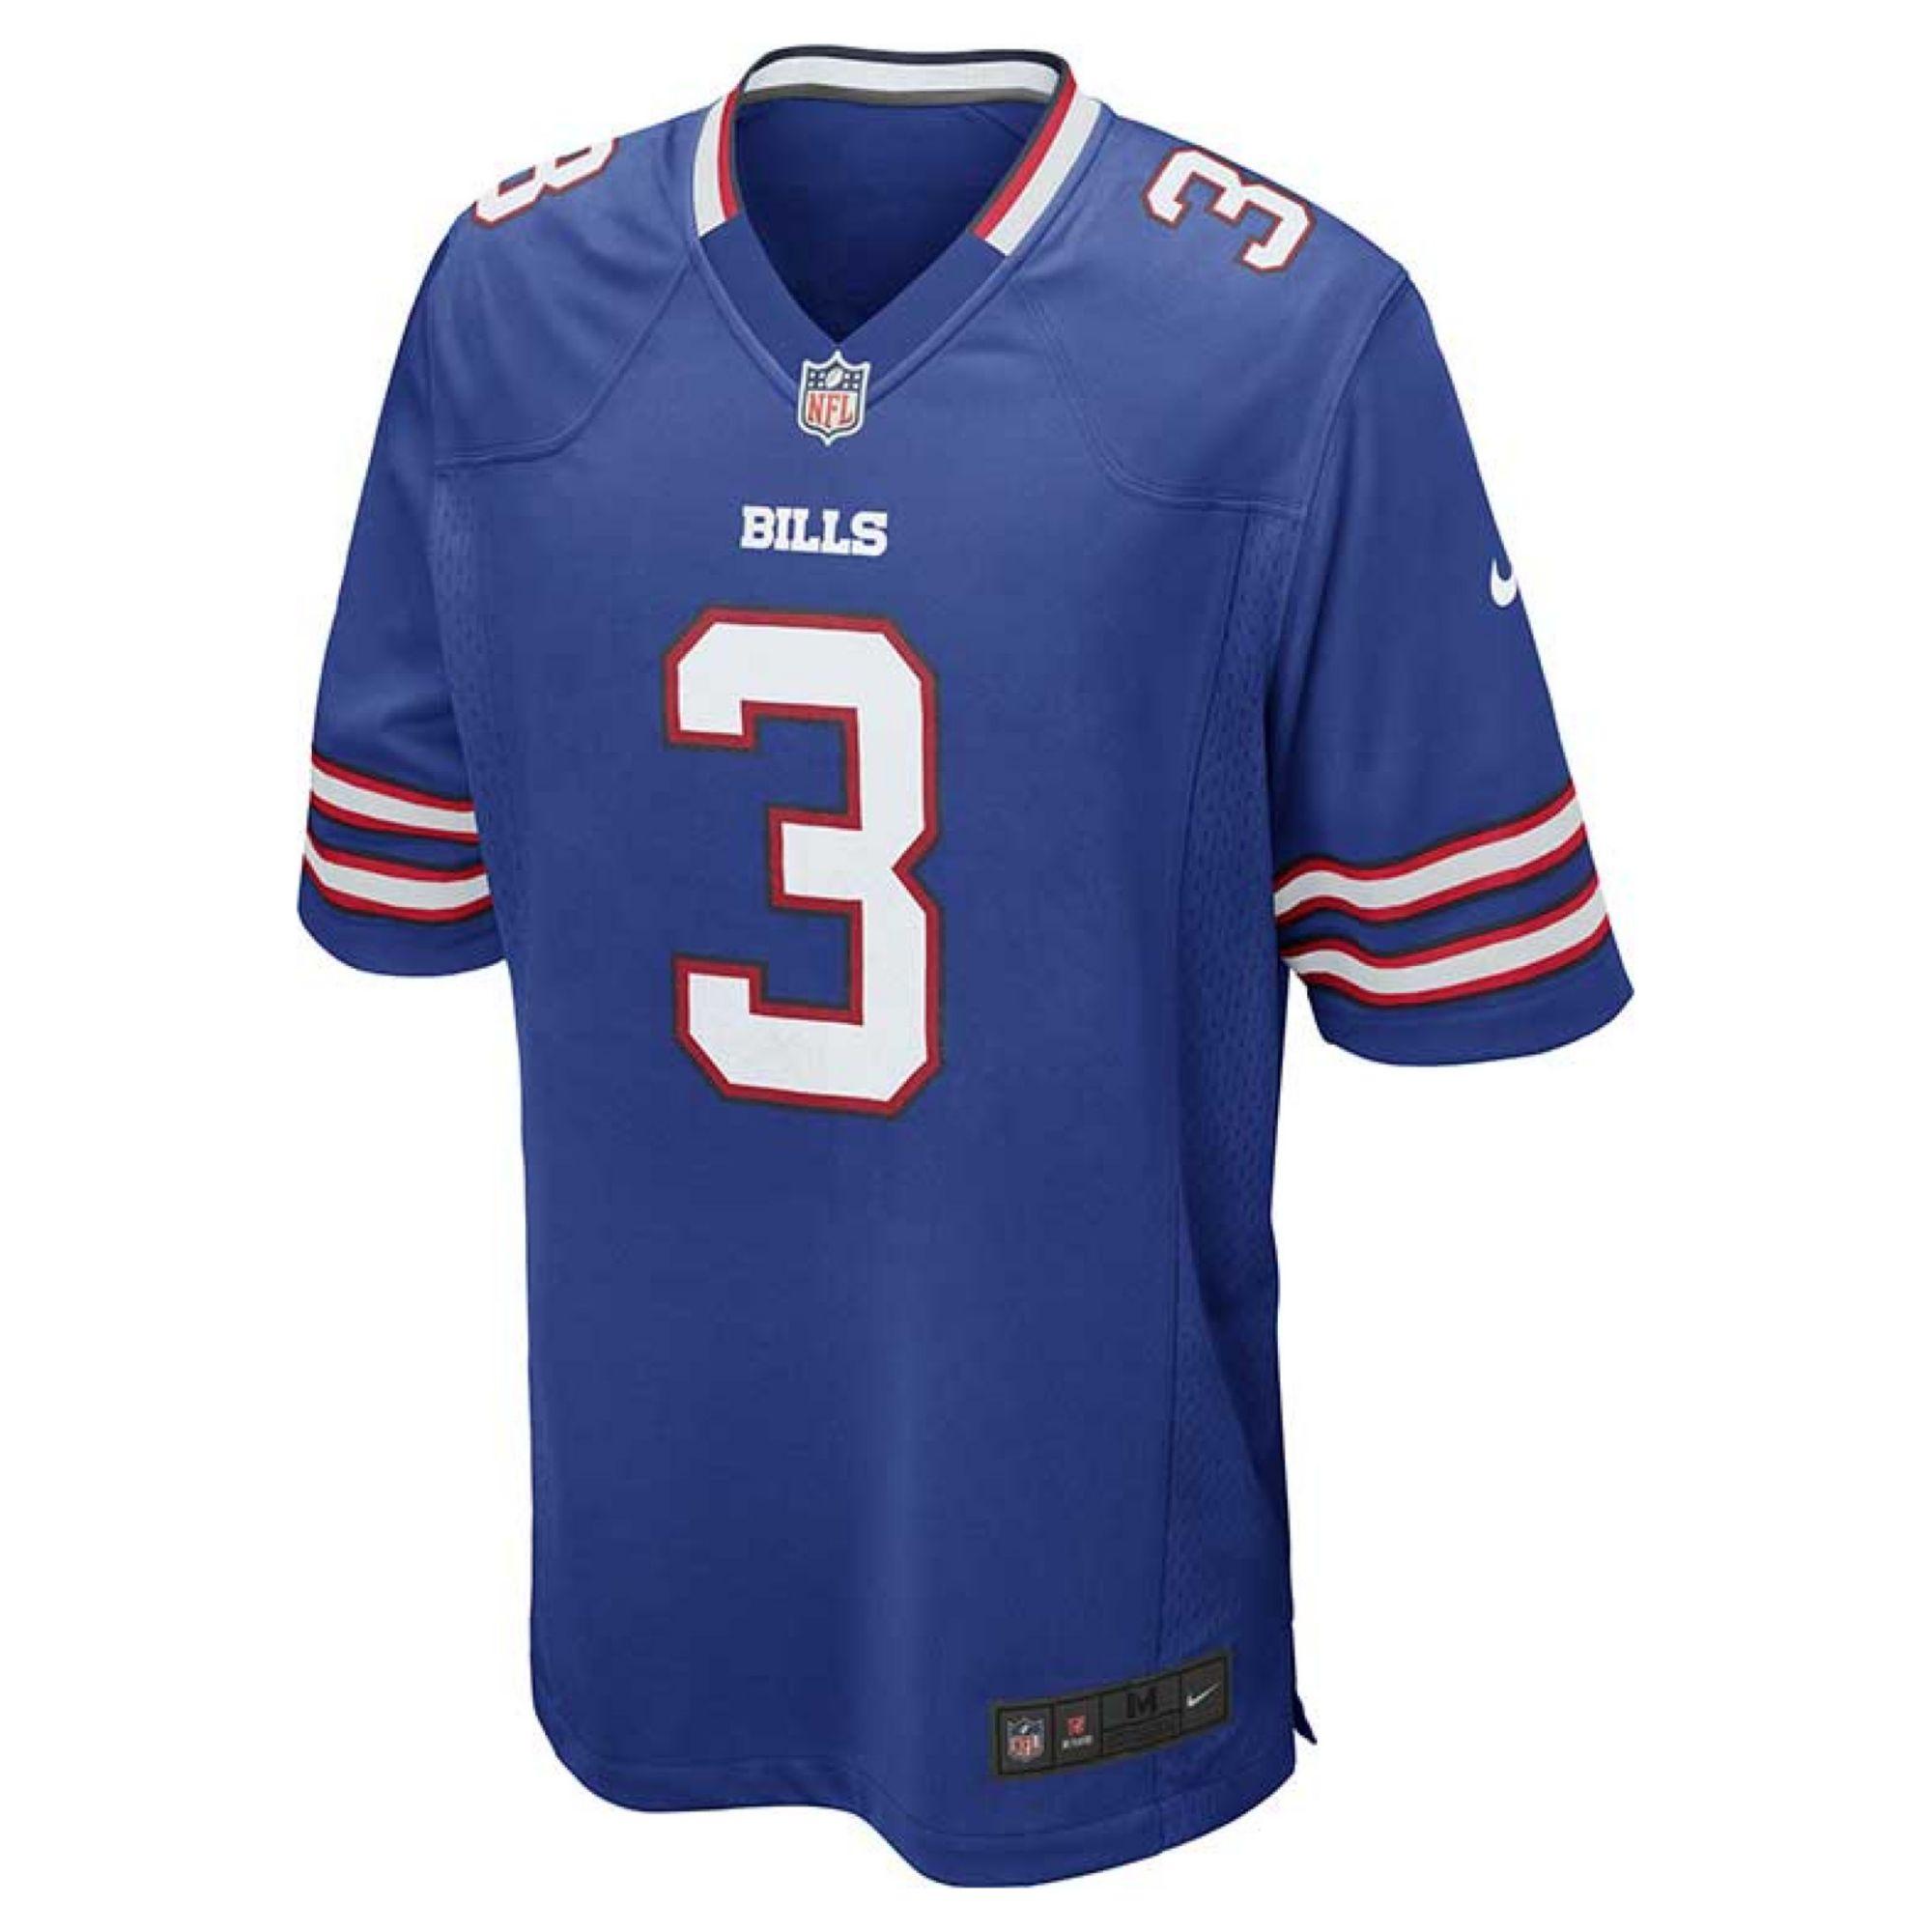 nike s e j manuel buffalo bills jersey in blue